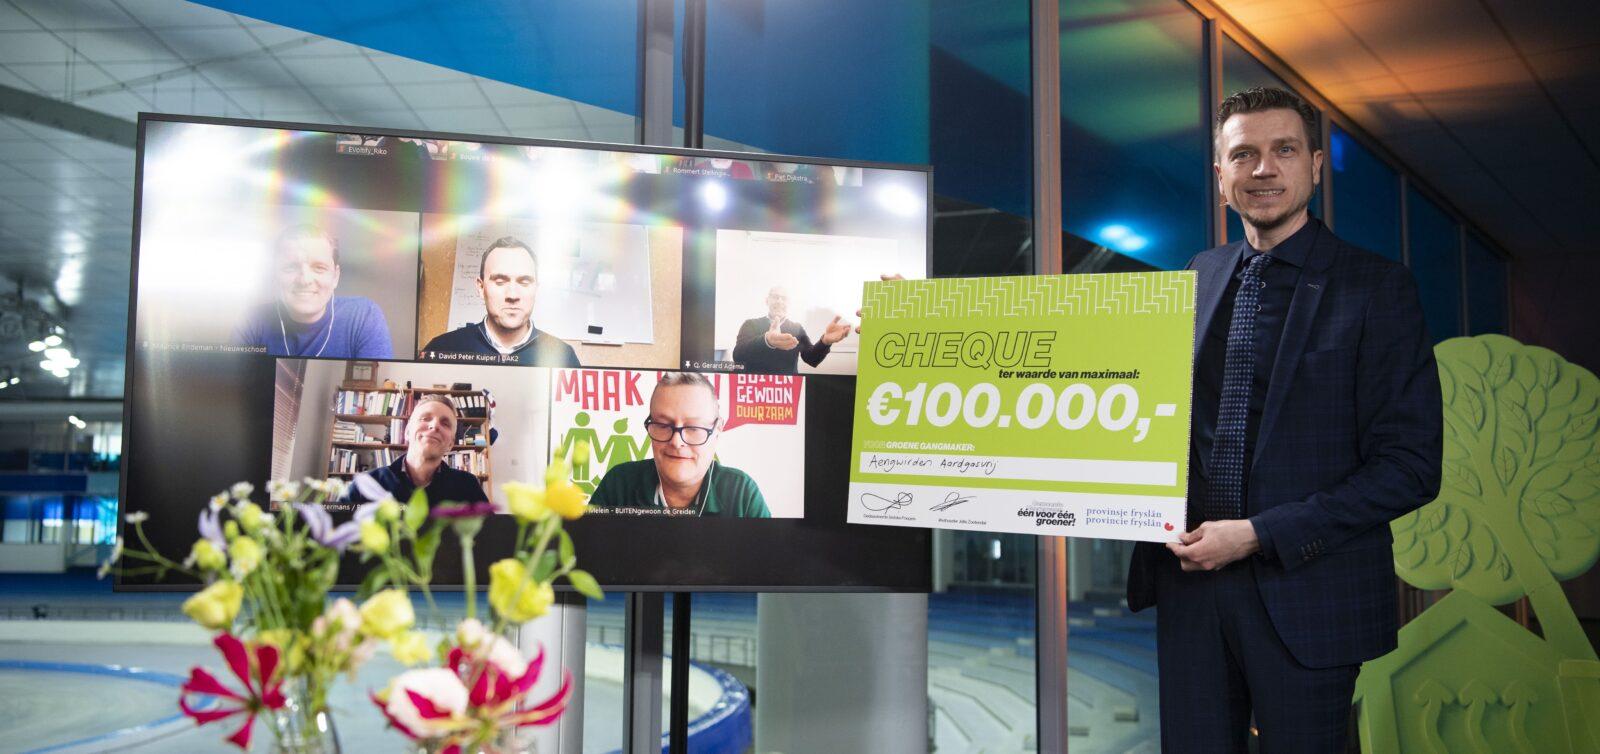 Wethouder Jelle Zoetendal reikt de cheque uit